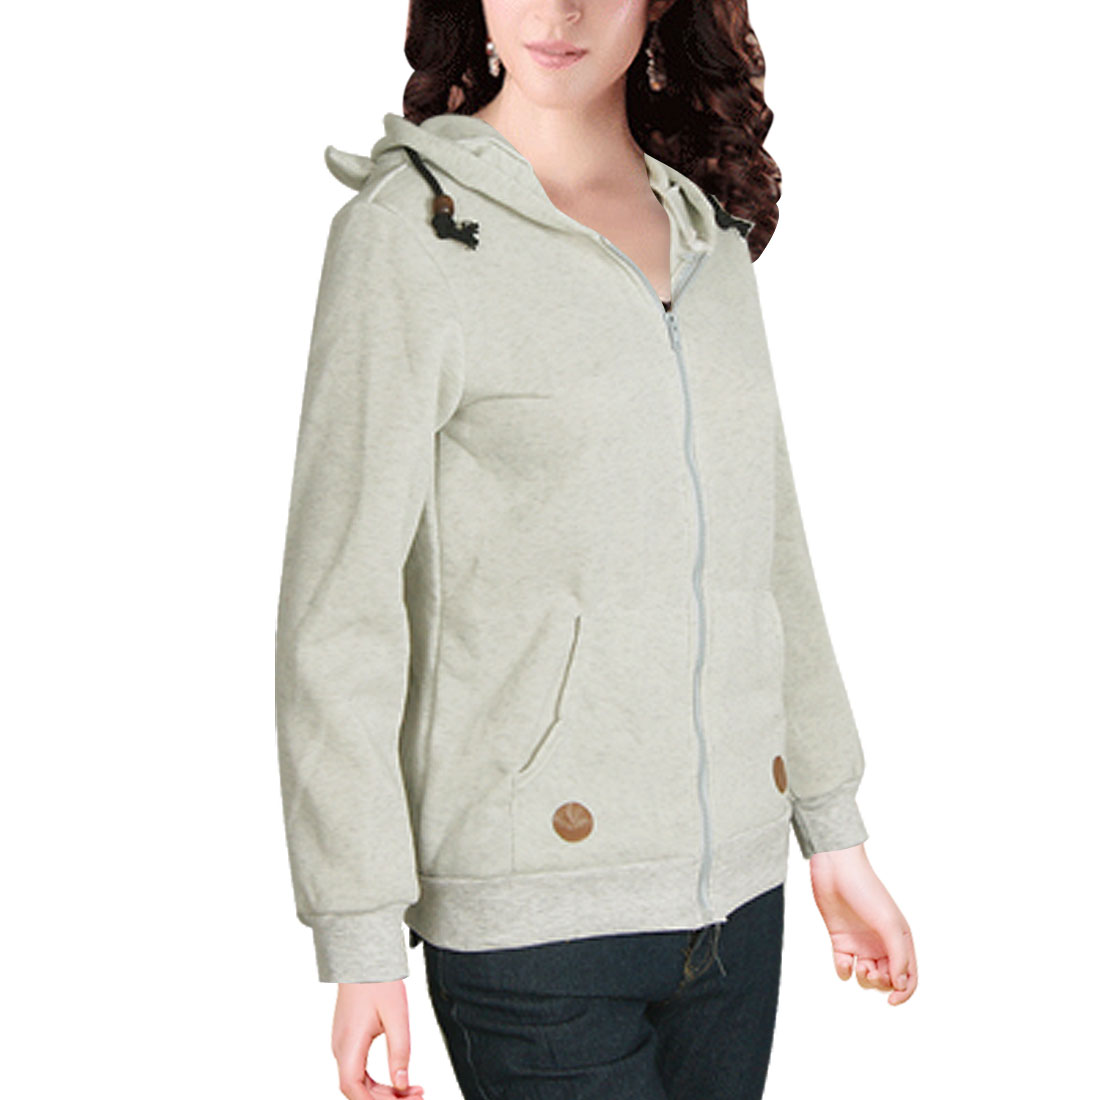 Light Gray Zip up Bear Design Hoodie Sweatshirt S for Women